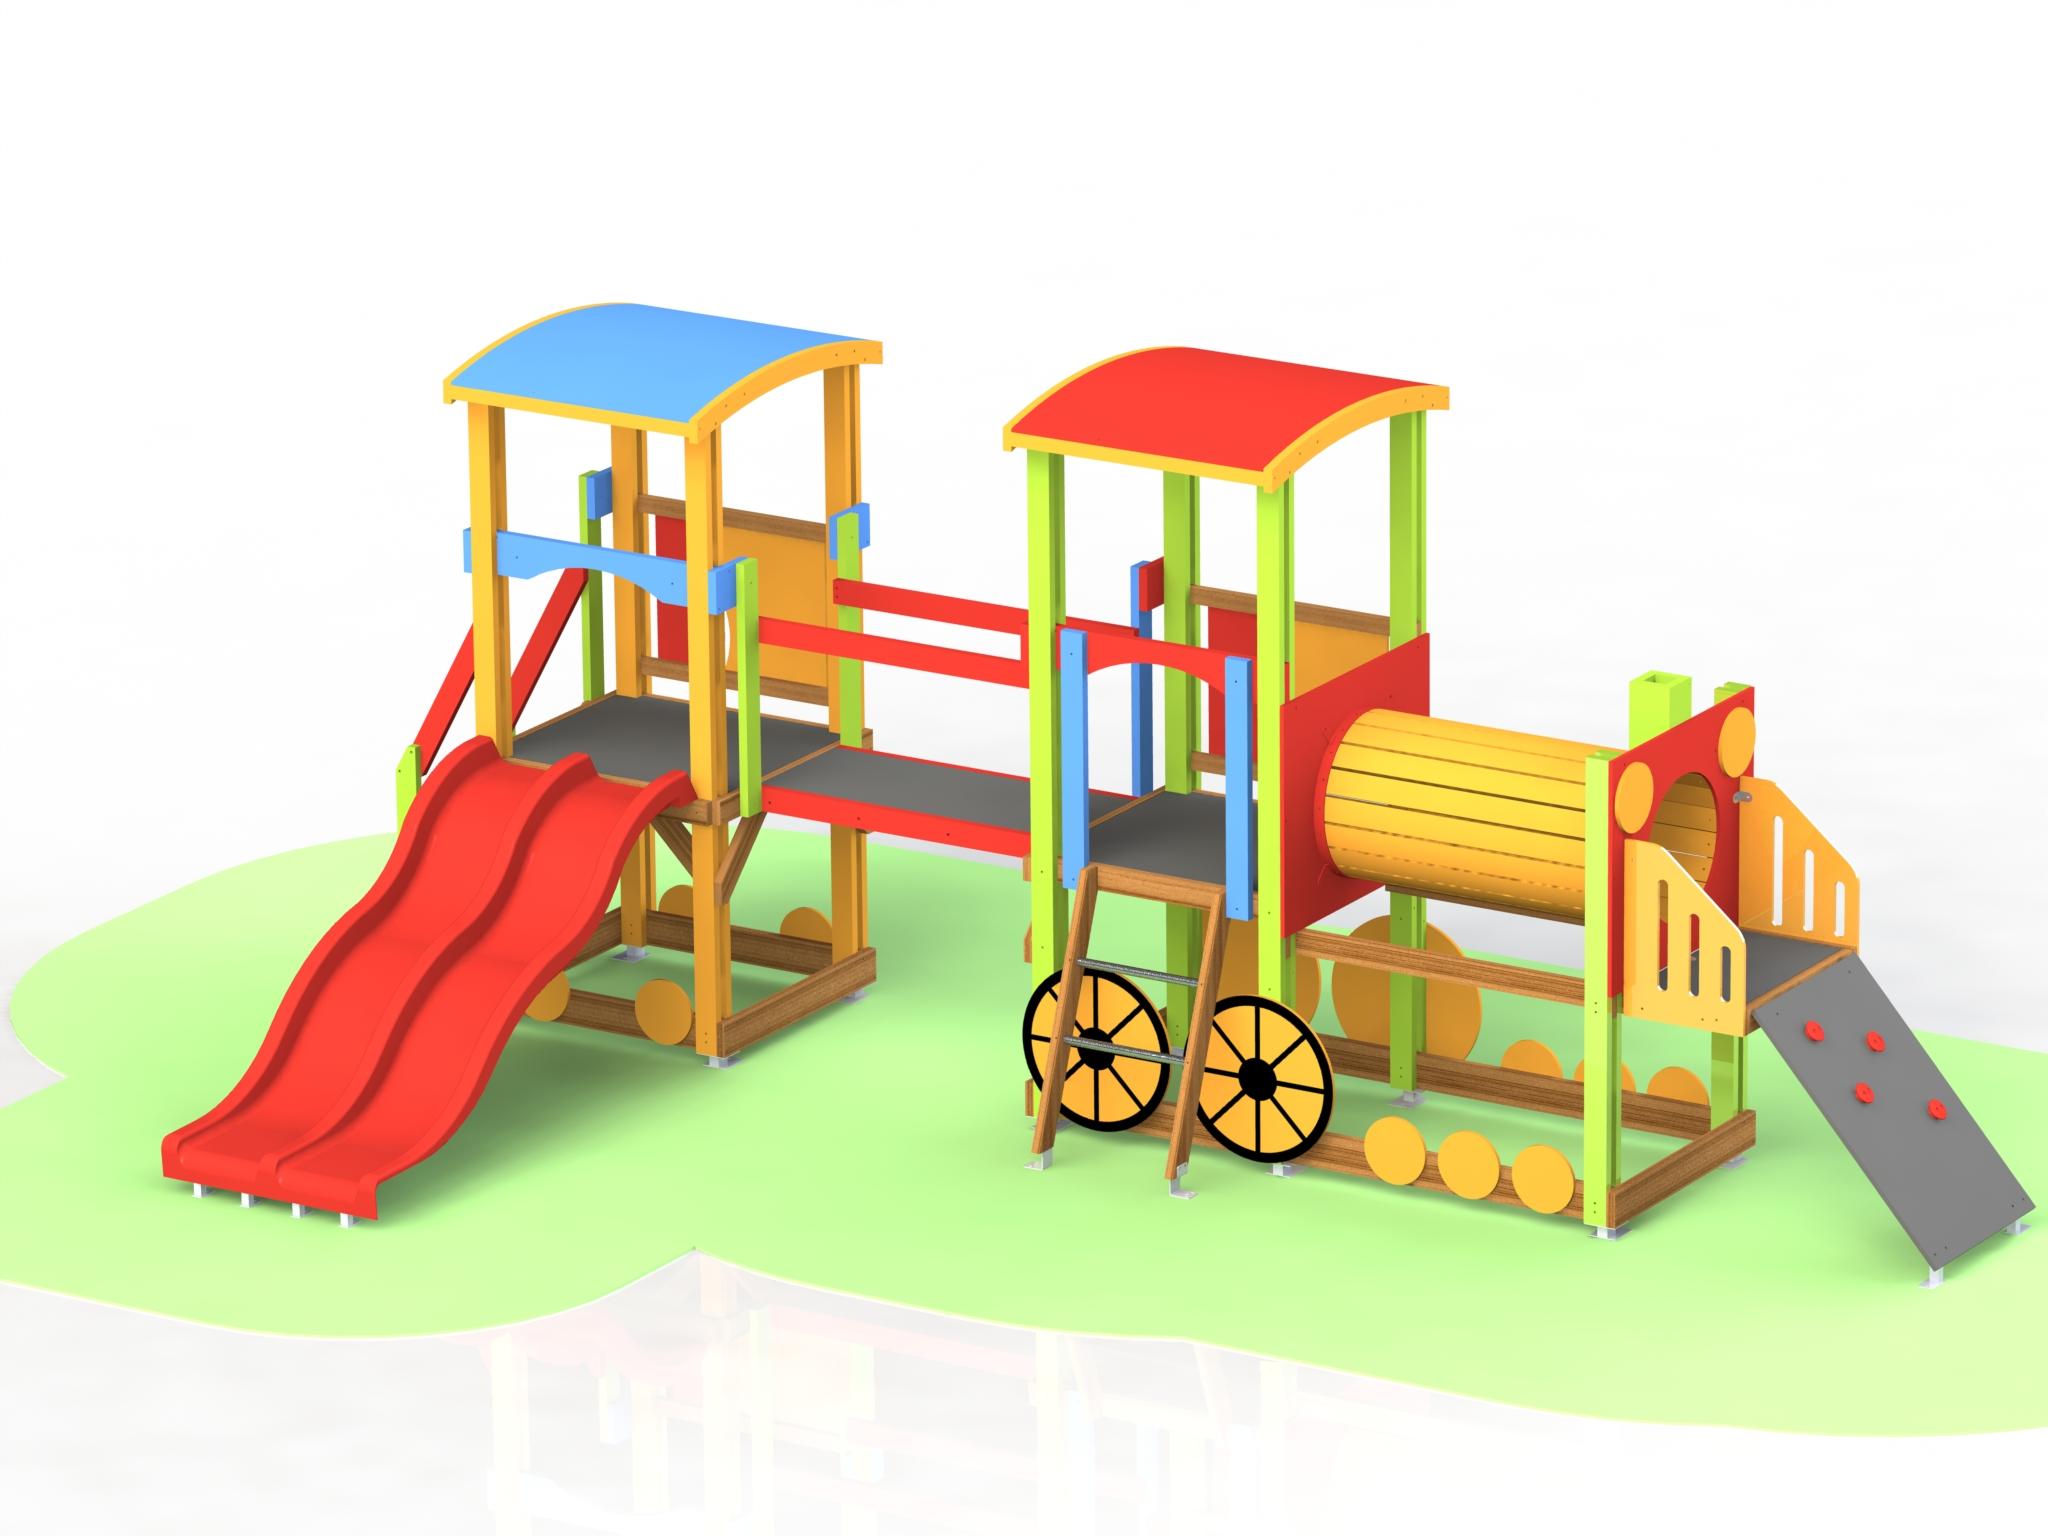 Снимка на продукта: Кoмбинирано детско съоръжение, модел Т03